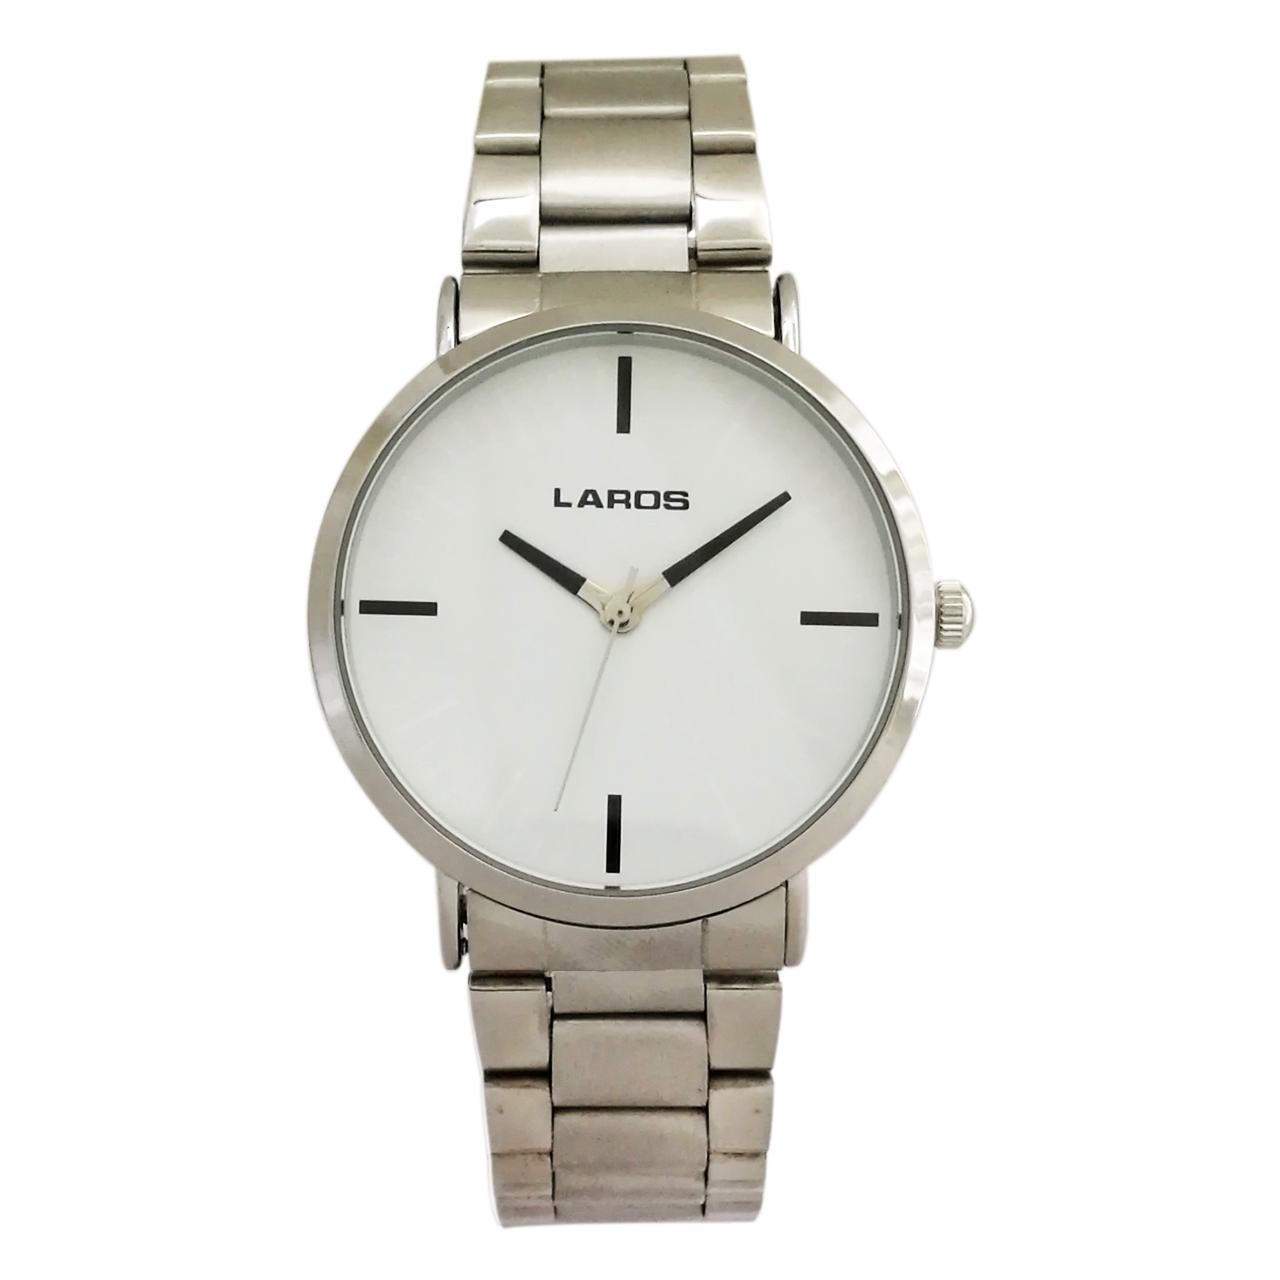 ساعت مچی عقربه ای مردانه لاروس مدل 1117-80141 43